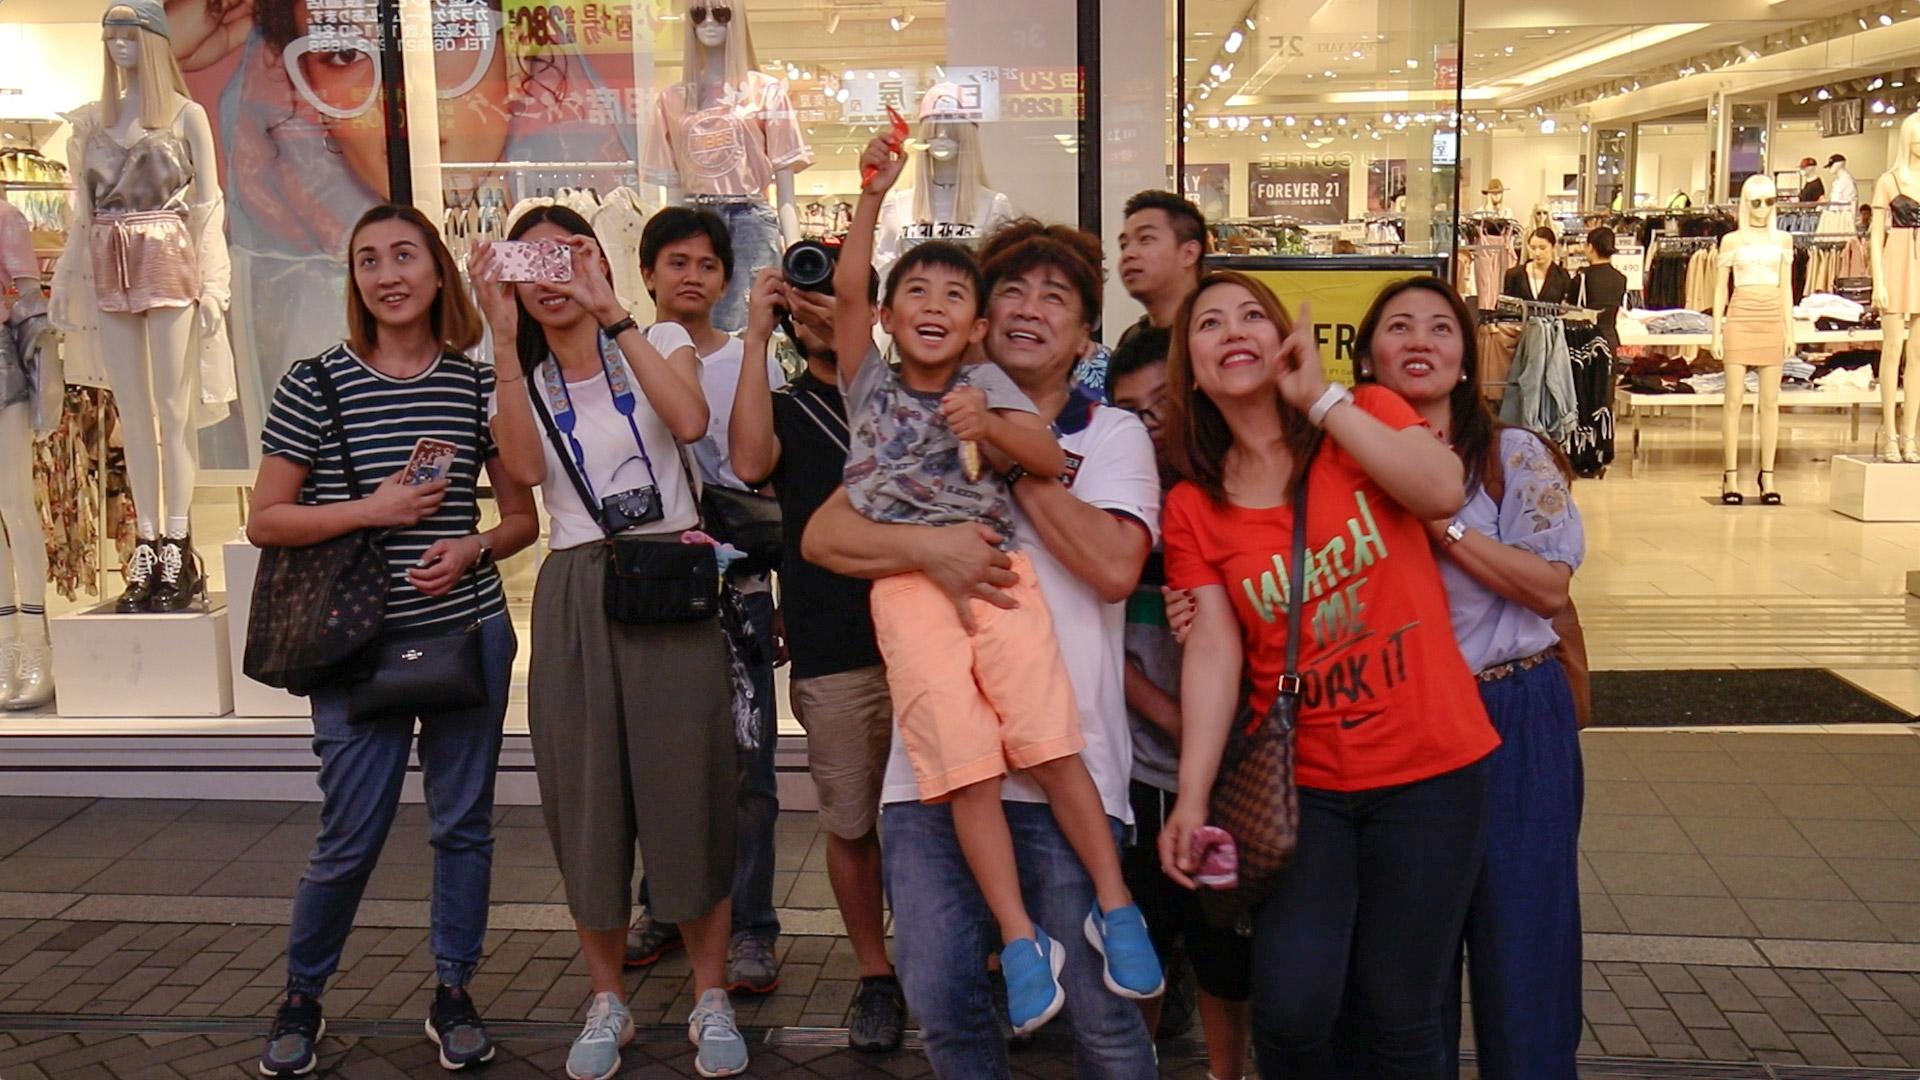 """""""Pessoas"""" com a EOS T7i + Tamron 10-24mm f/3.5-4.5 Di II VC HLD 1080P30; clique para ver maior."""